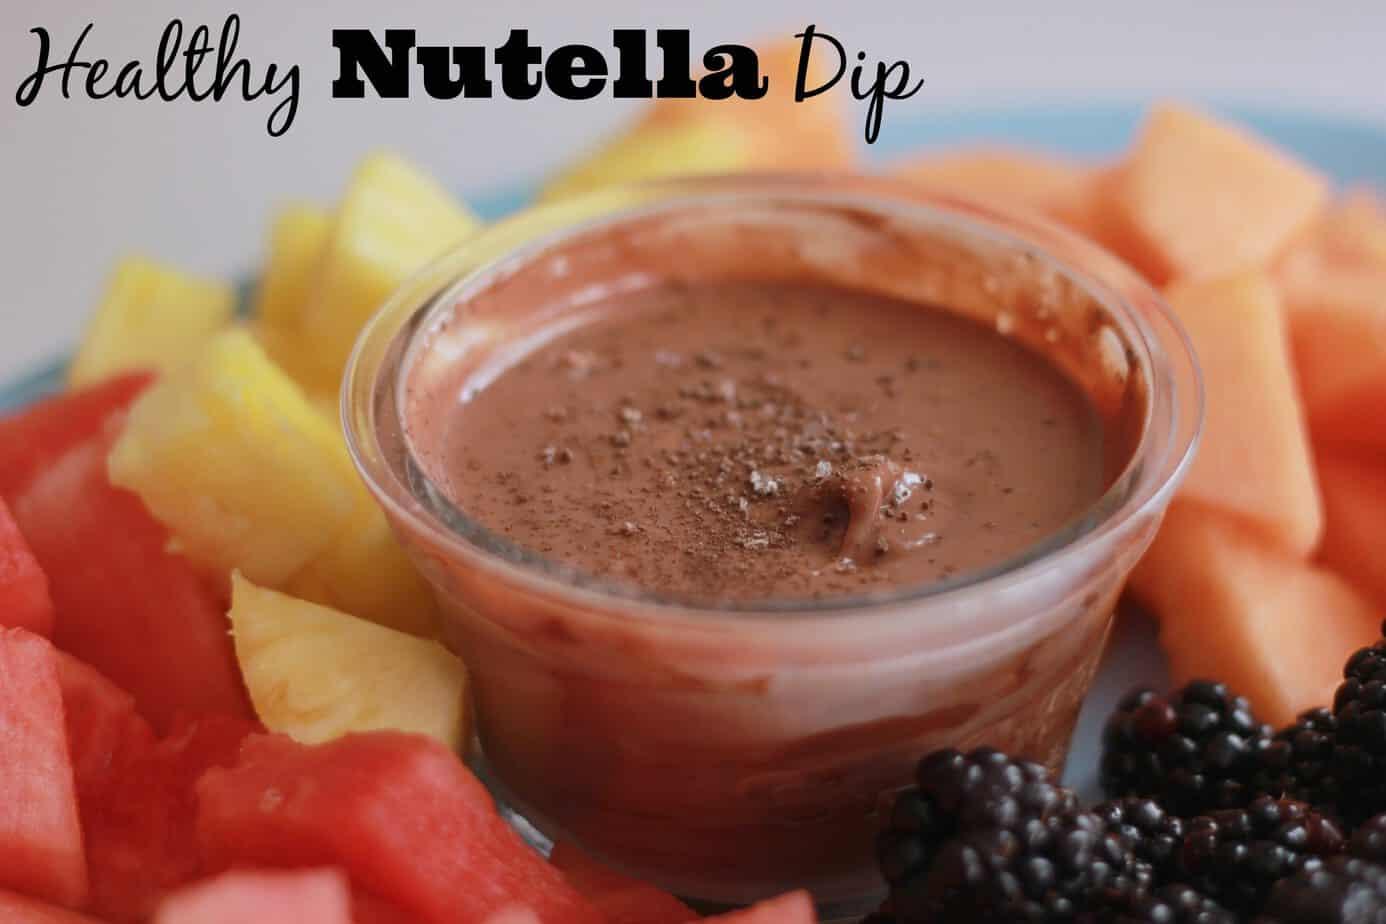 Healthy Nutella Dip